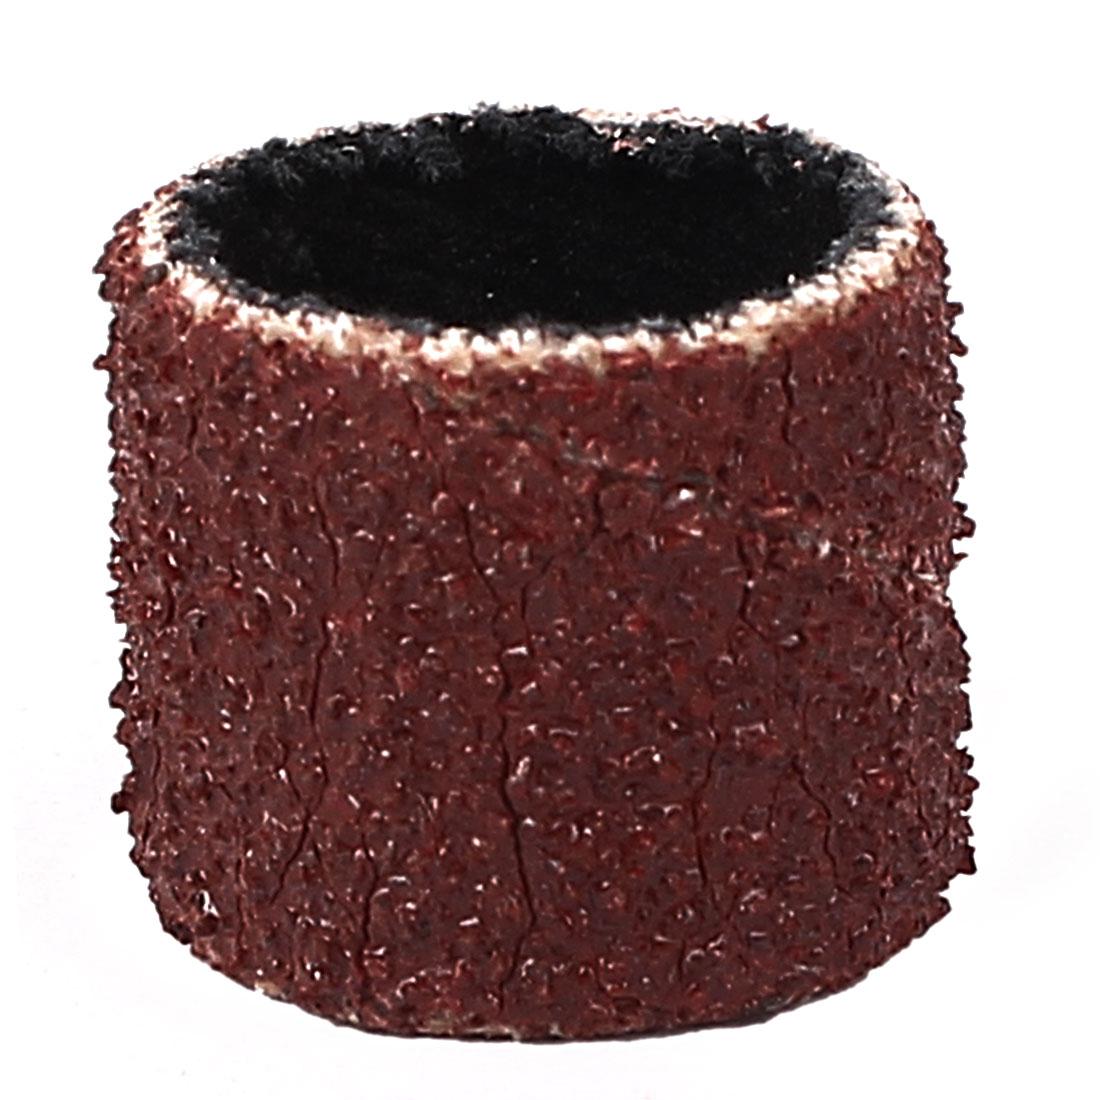 13mm Diameter 46 Grit Sanding Drums Abrasive Spiral Band Sleeves Rolls